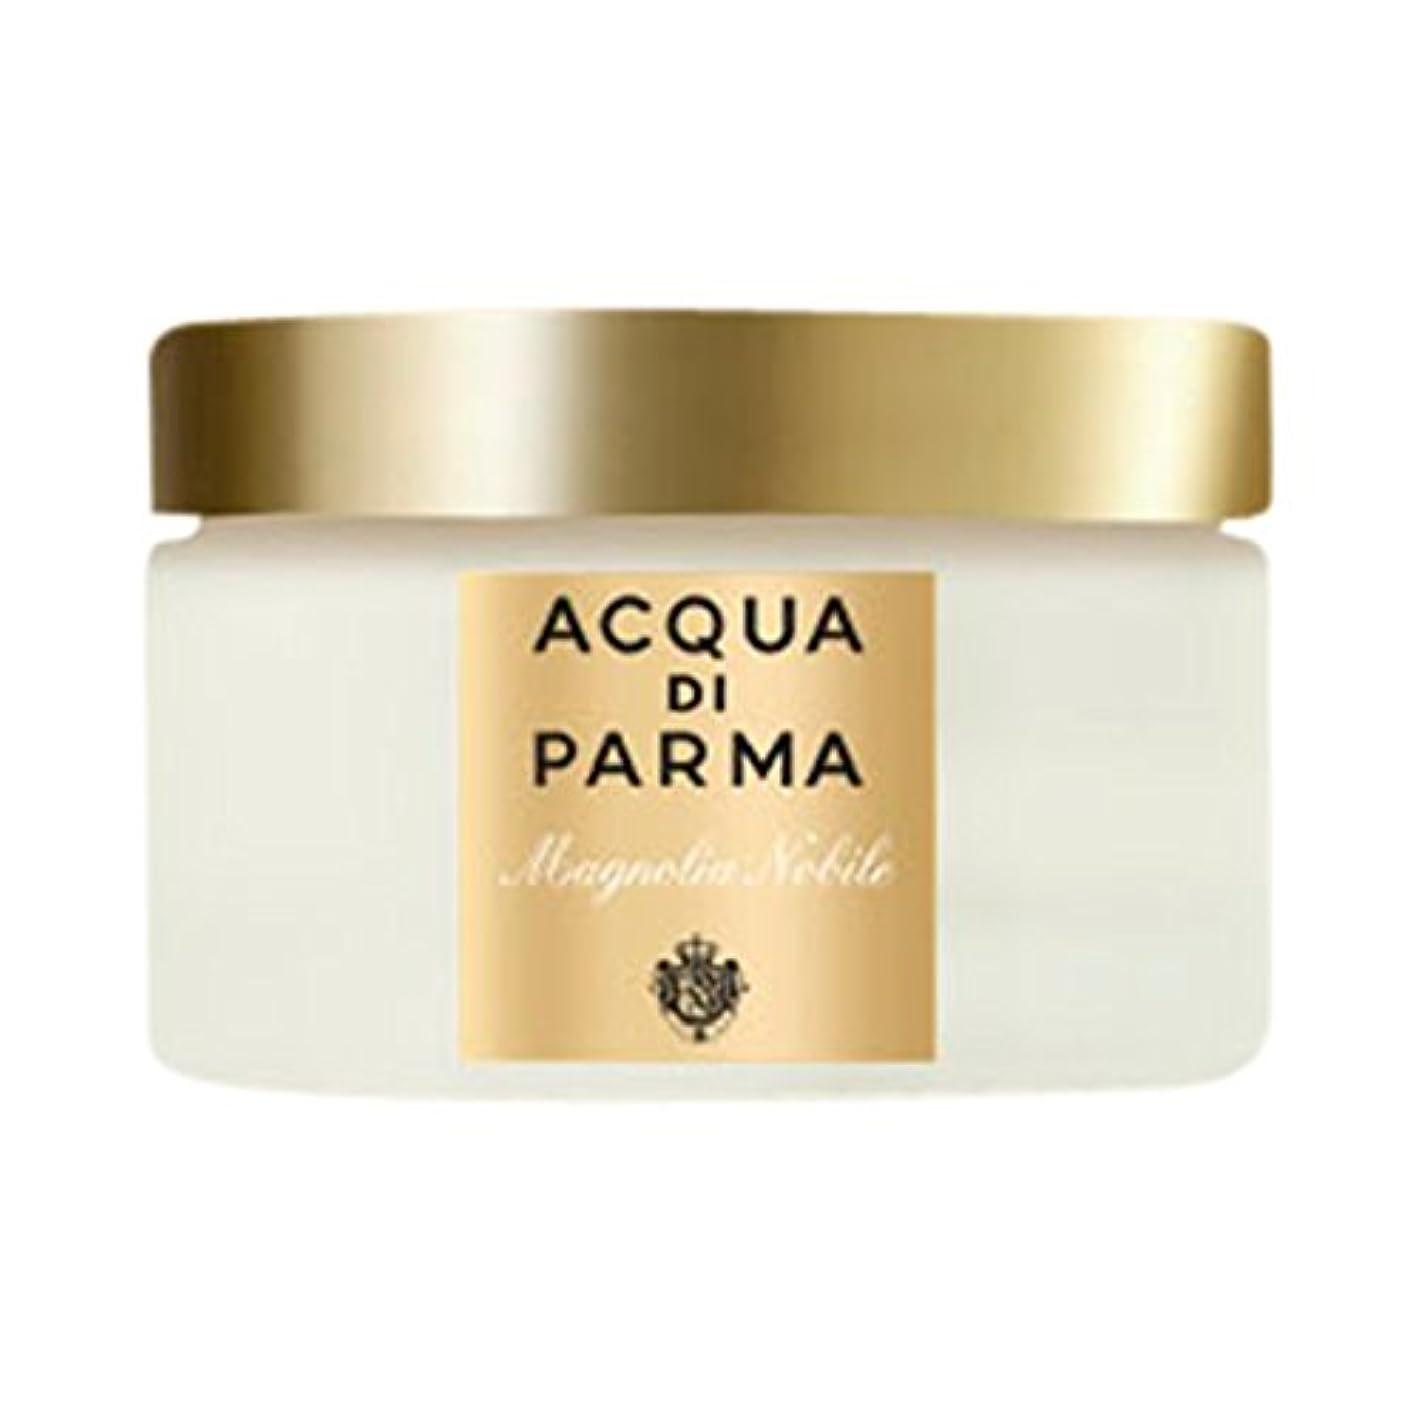 死の顎メイト可決ボディクリーム150ミリリットルノビルアクア?ディ?パルマモクレン (Acqua di Parma) - Acqua di Parma Magnolia Nobile Body Cream 150ml [並行輸入品]